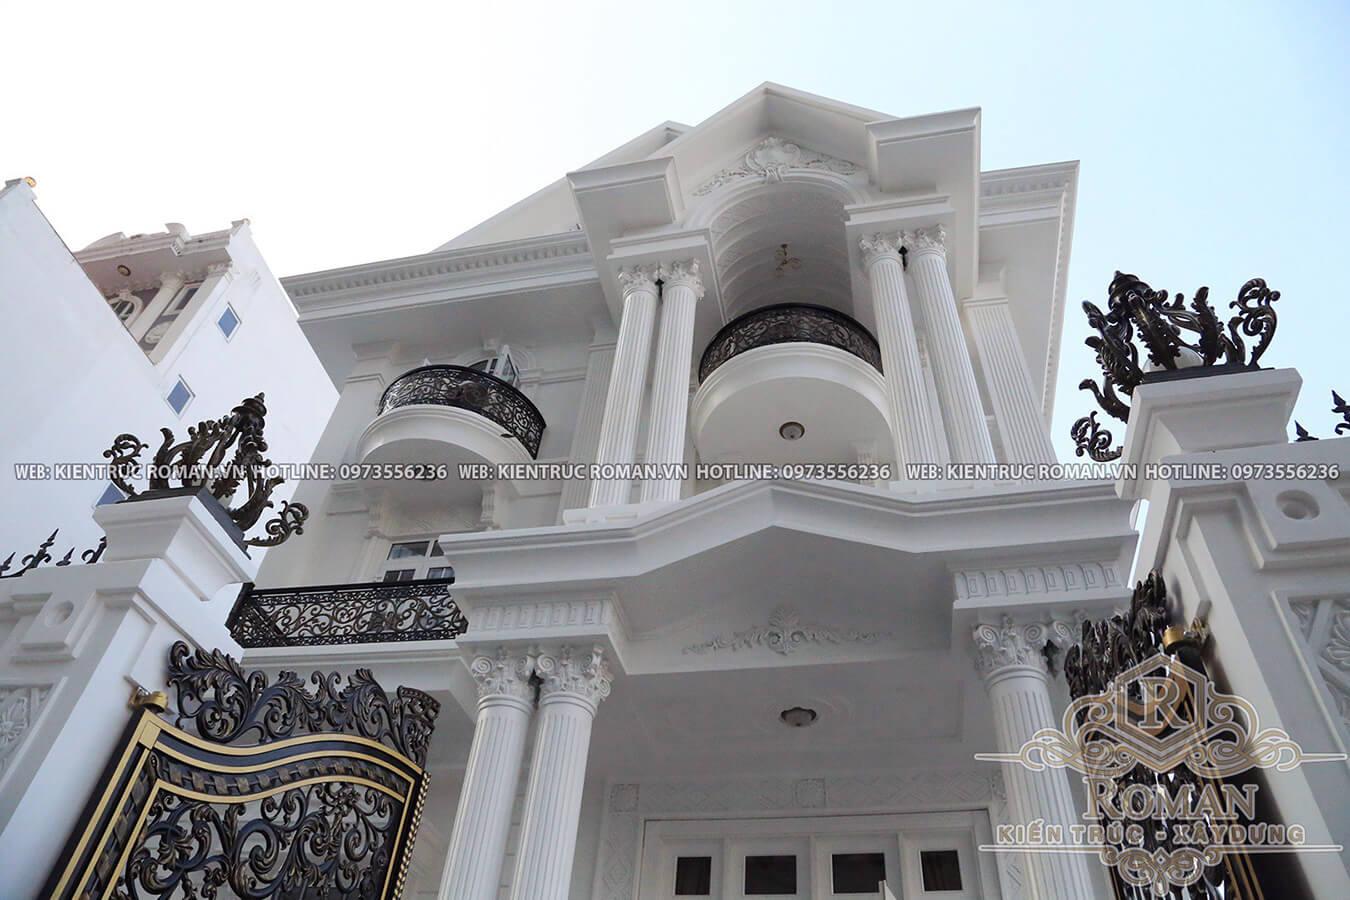 thi công biệt thự kiến trúc tân cổ điển 8